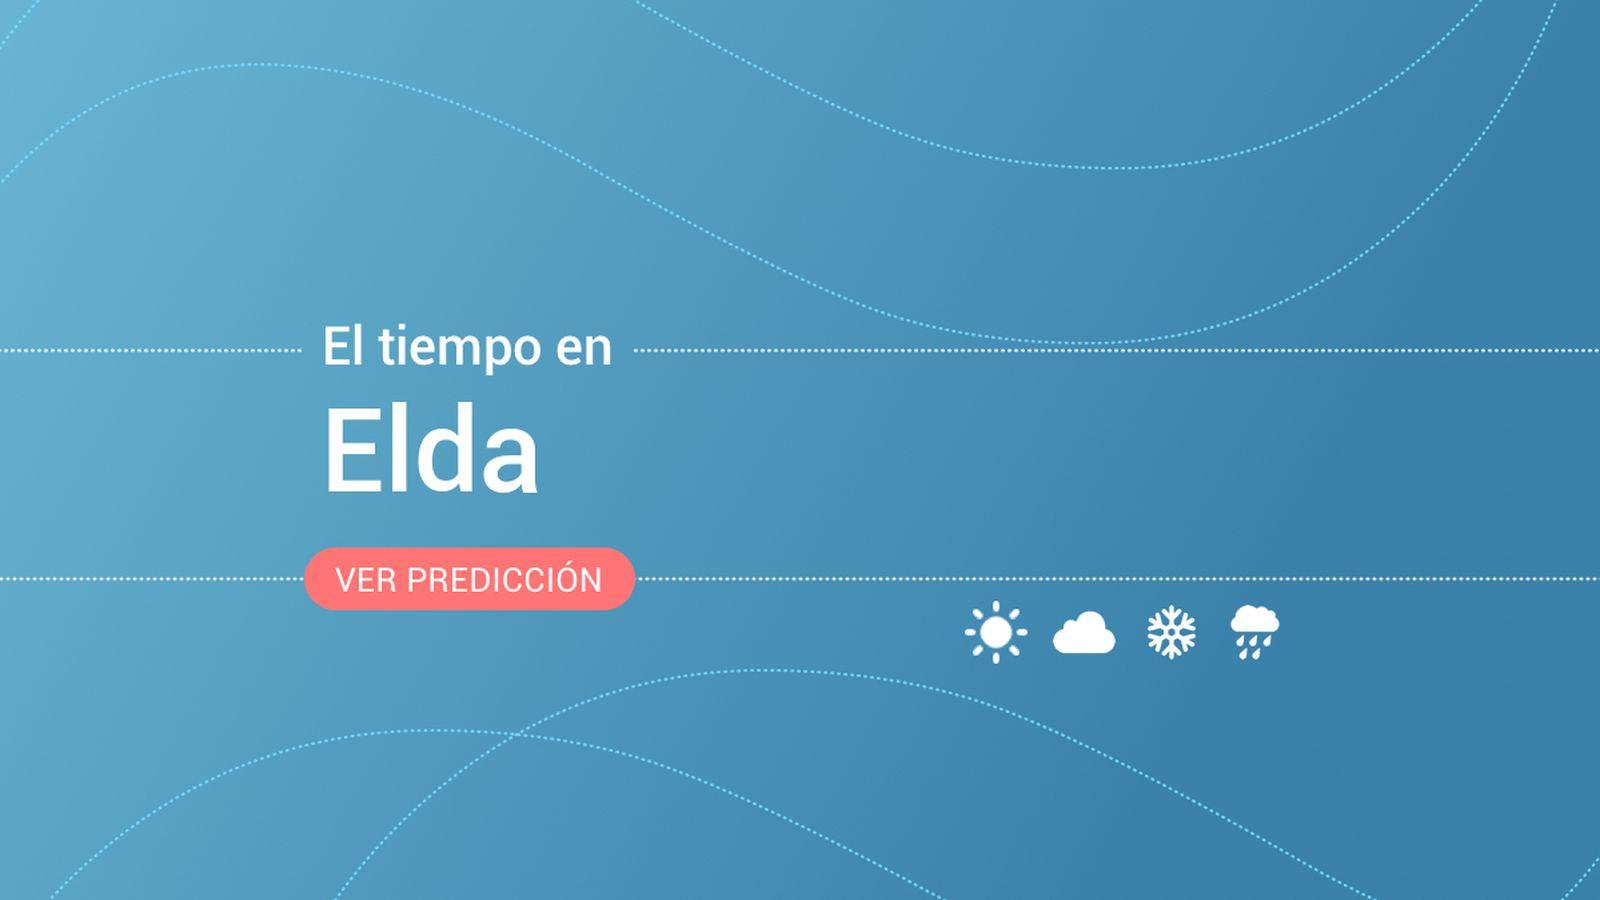 Foto: El tiempo en Elda. (EC)